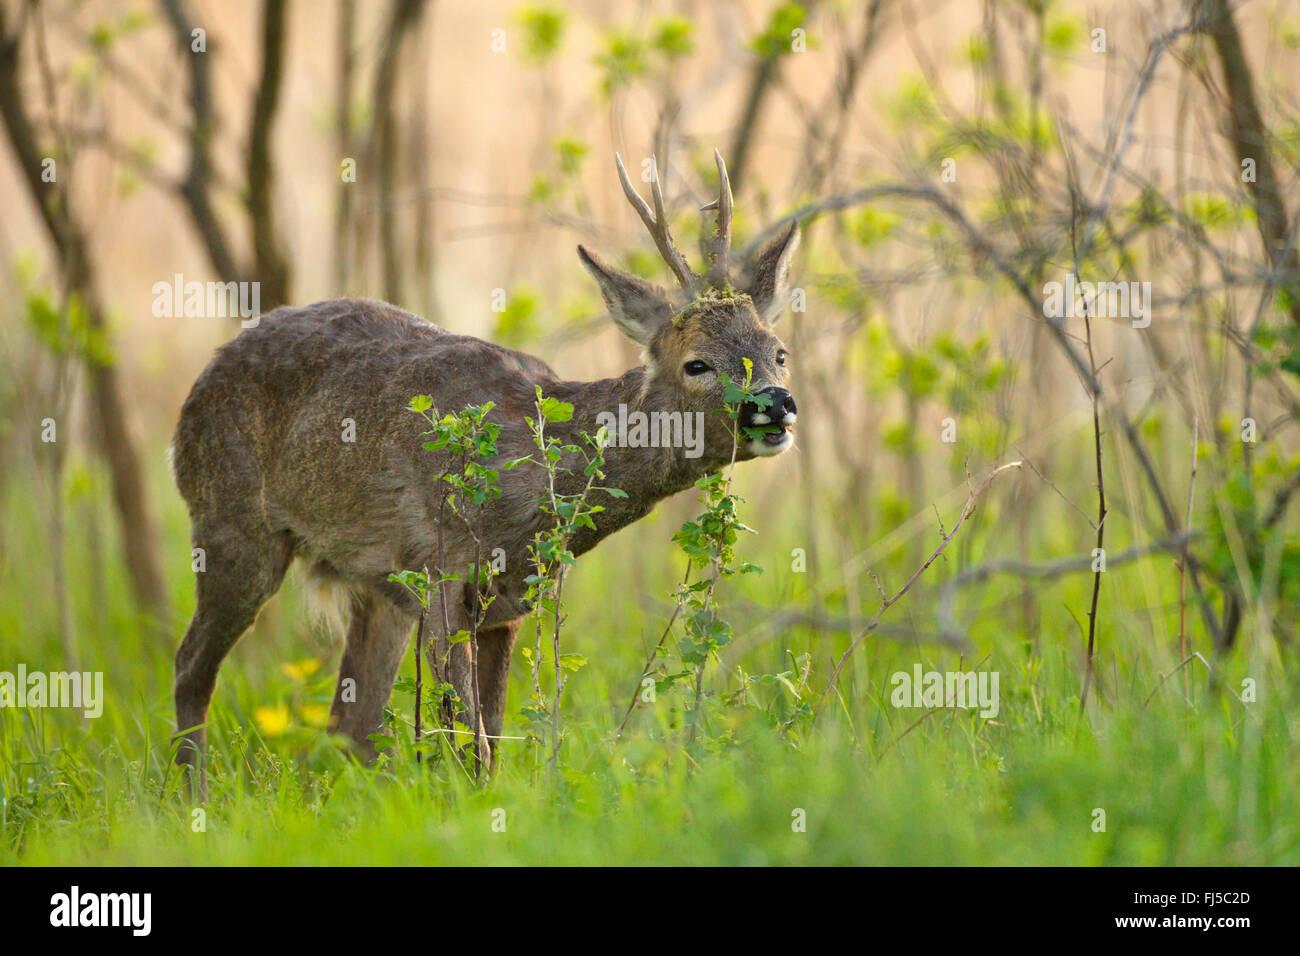 roe deer (Capreolus capreolus), buck browsing, Germany, Brandenburg - Stock Image